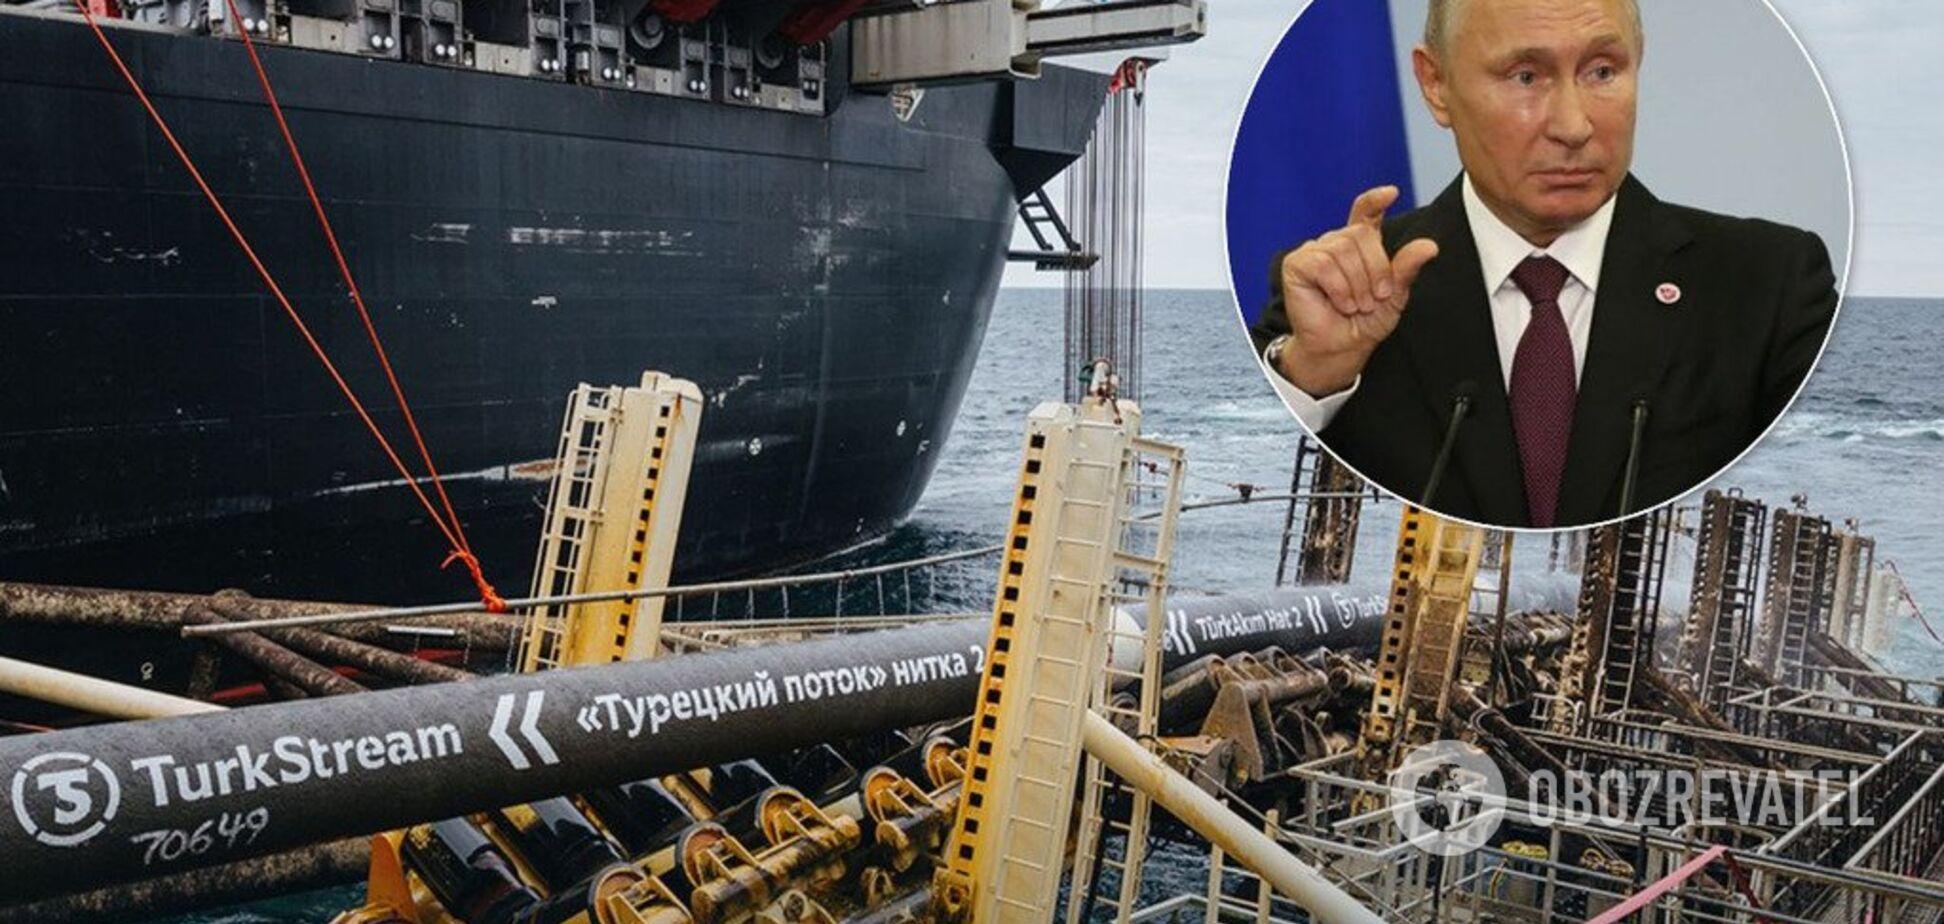 'Облом труби': Портніков пояснив поразку Путіна з 'Турецьким потоком'